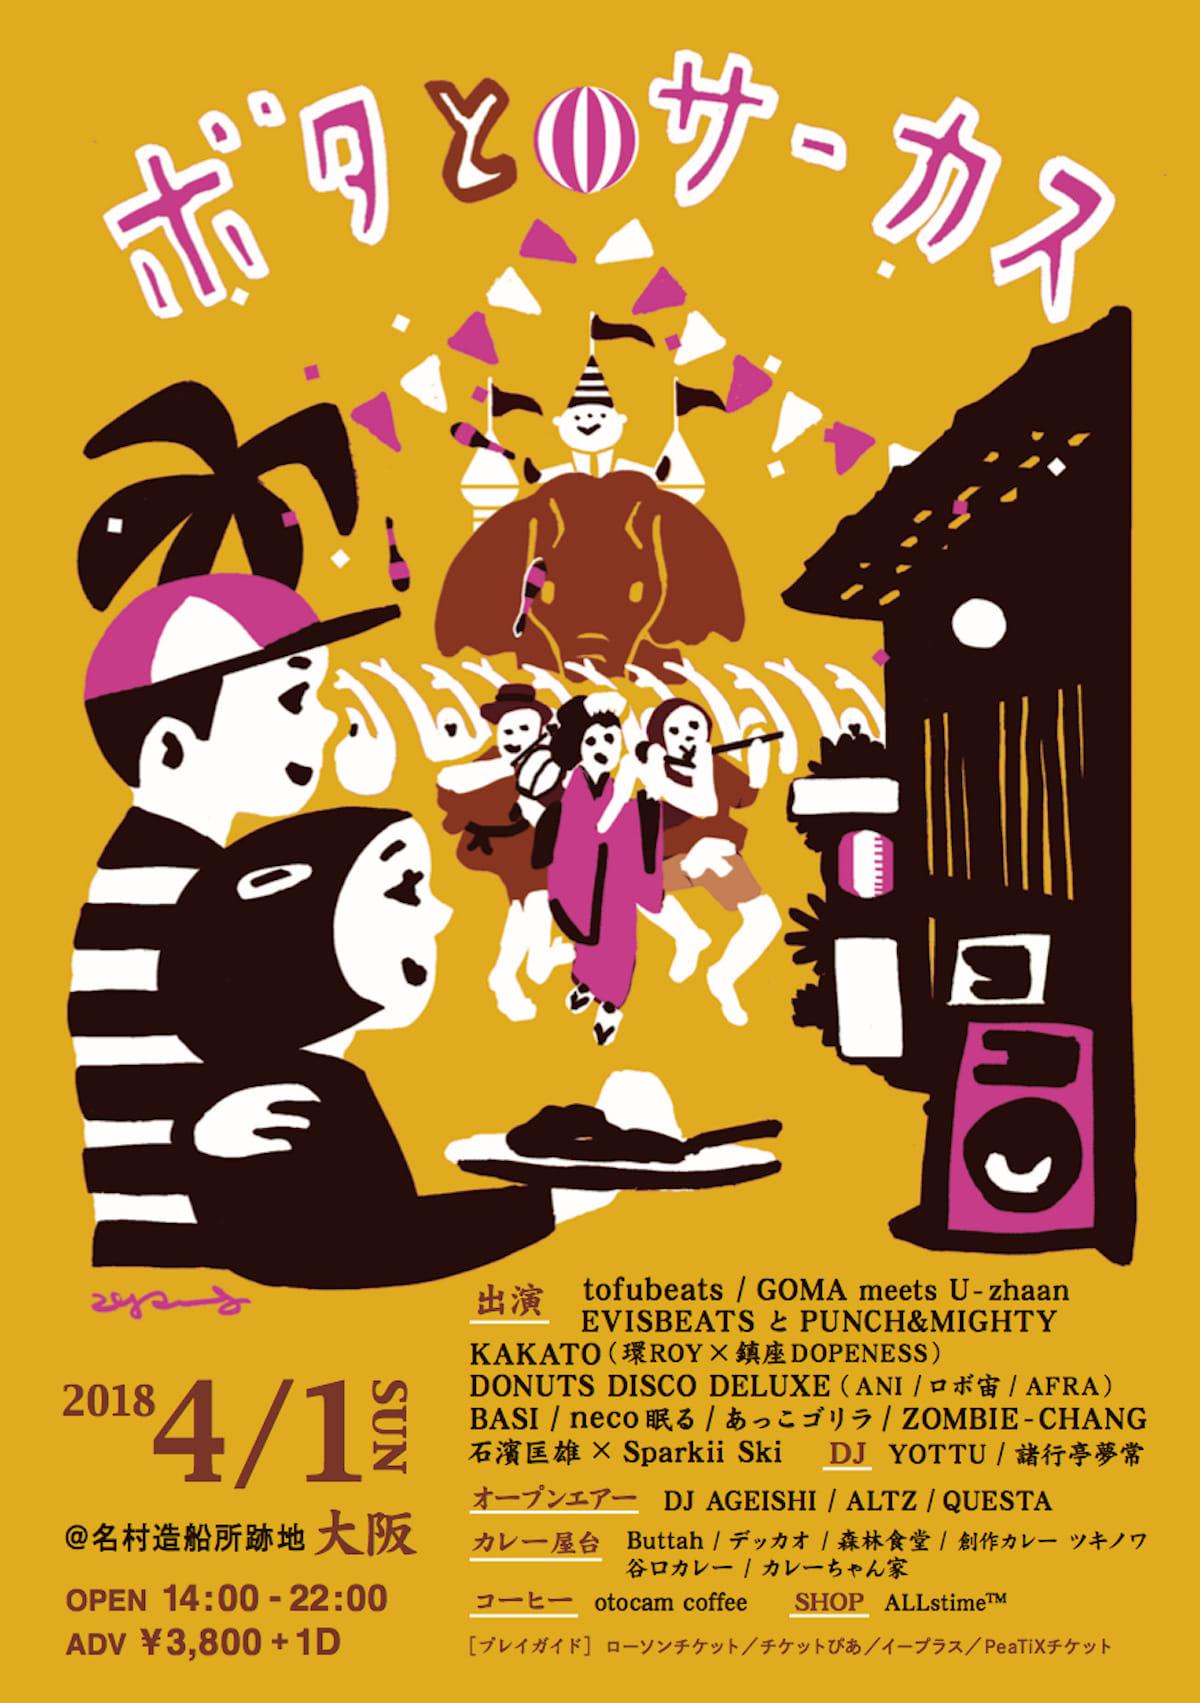 音楽×カレーの異色コラボフェス<ボタとサーカス>東京&大阪で開催!環ROY、あっこゴリラら出演! music180326_botatocircus_2-1200x1703